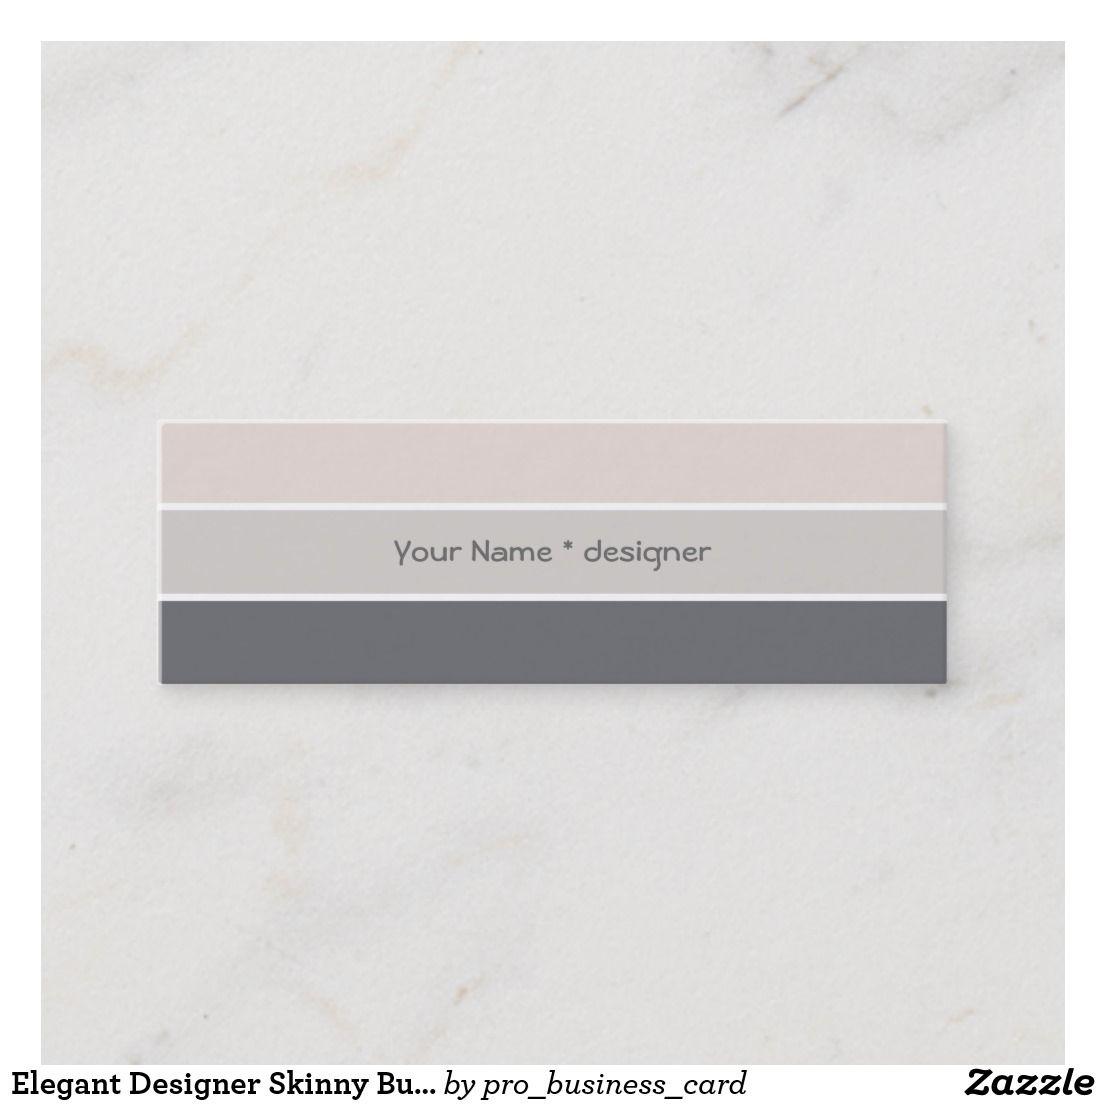 Elegant Designer Skinny Business Card Template Zazzle Com Business Card Template Business Cards Cards